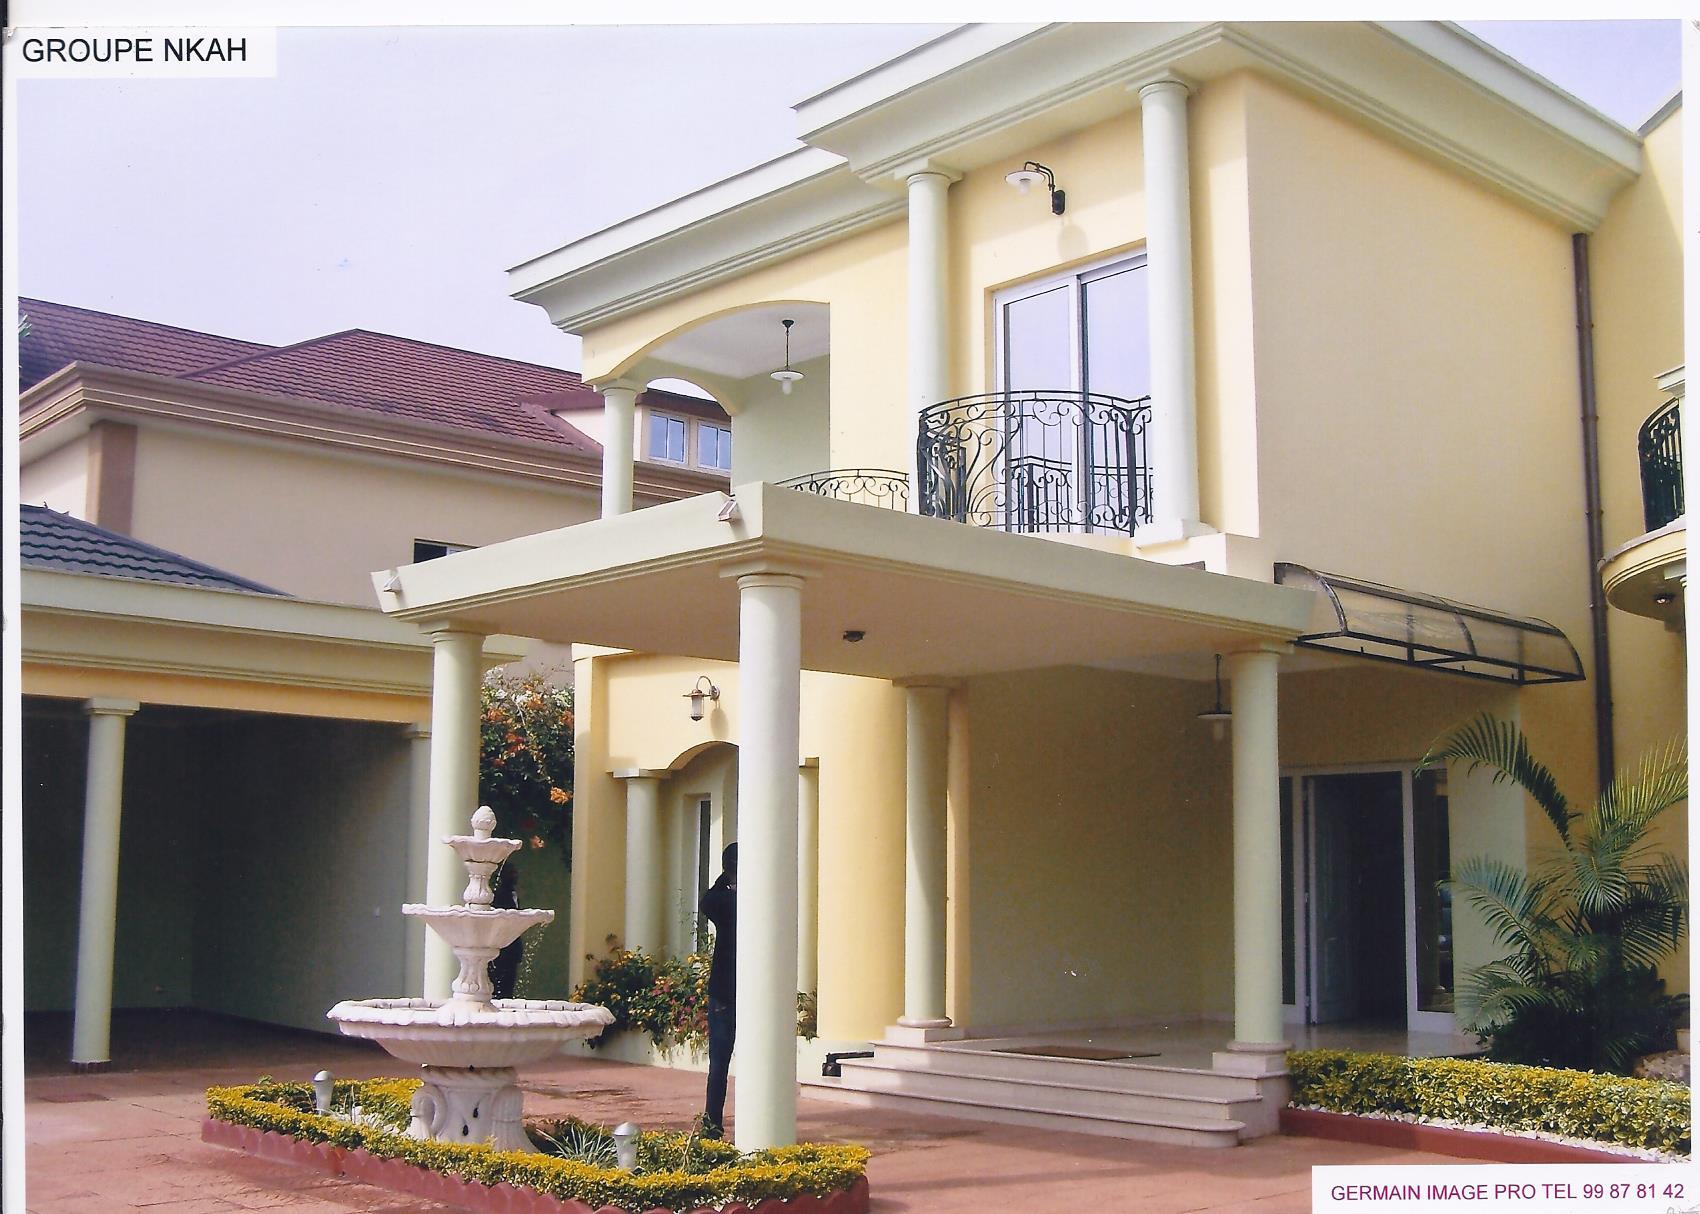 Maison moderne a louer a yaounde for Site de villa a louer